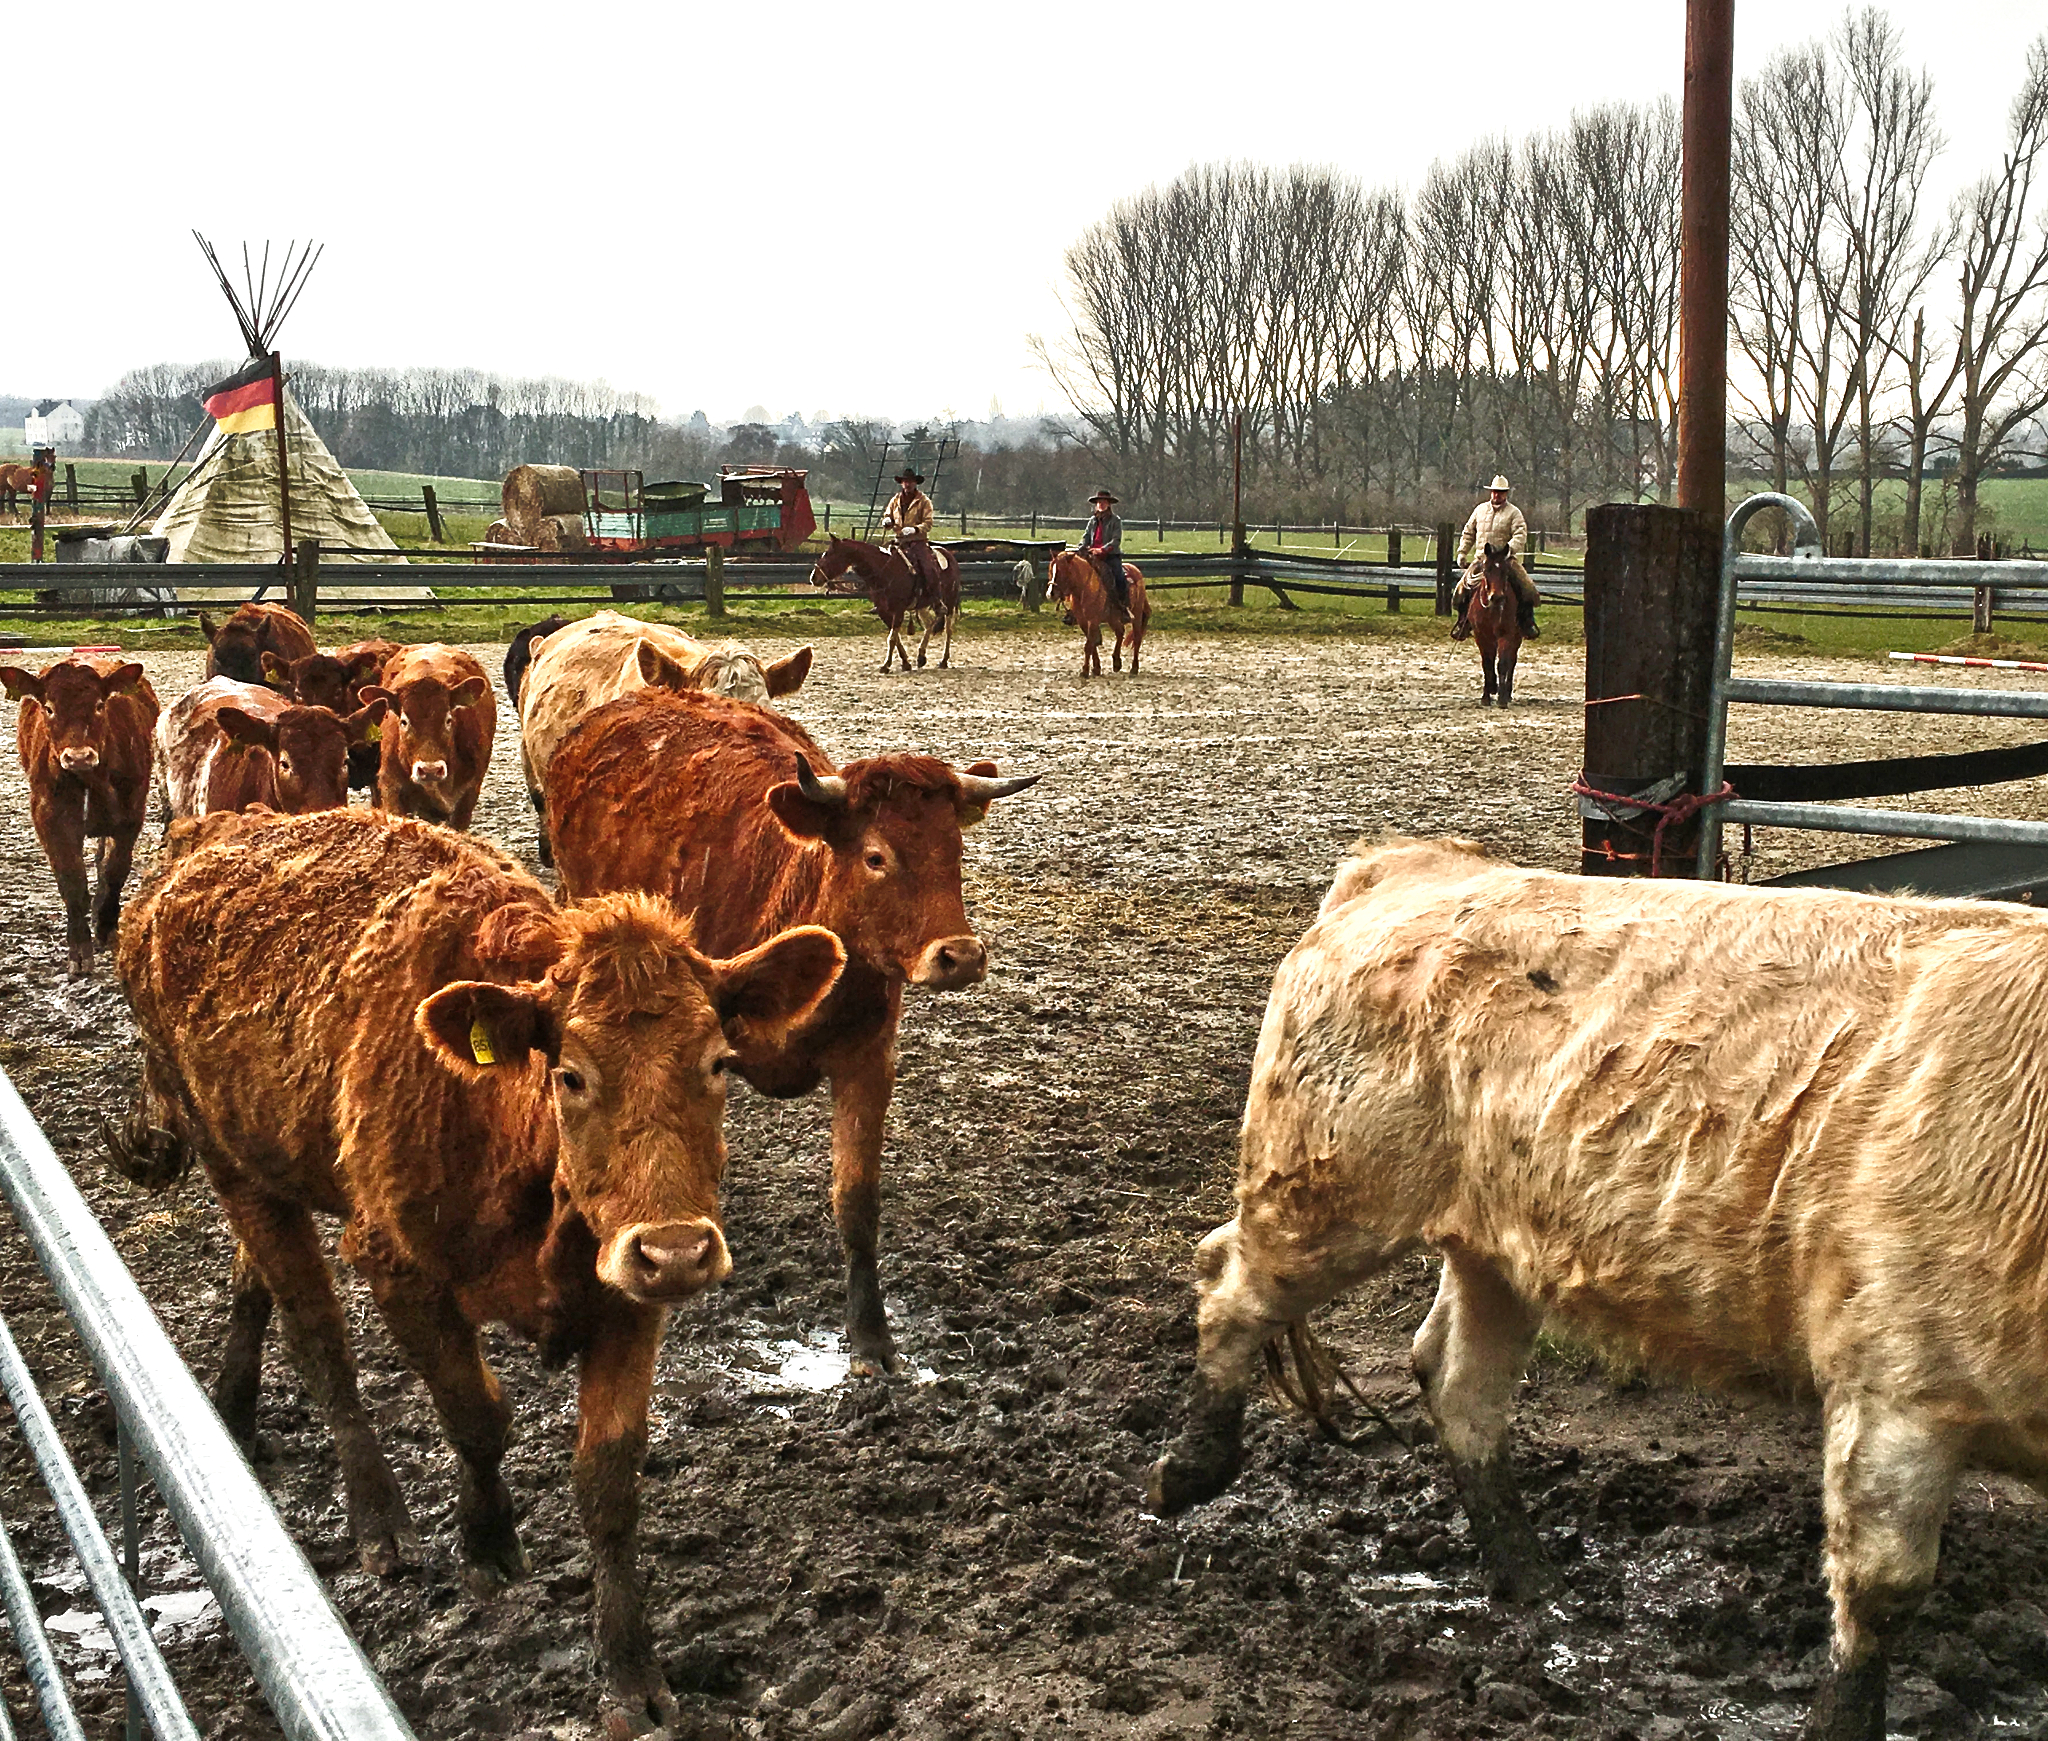 (C) JBK, Rinder eintreiben, City Ranch Dortmund 2016